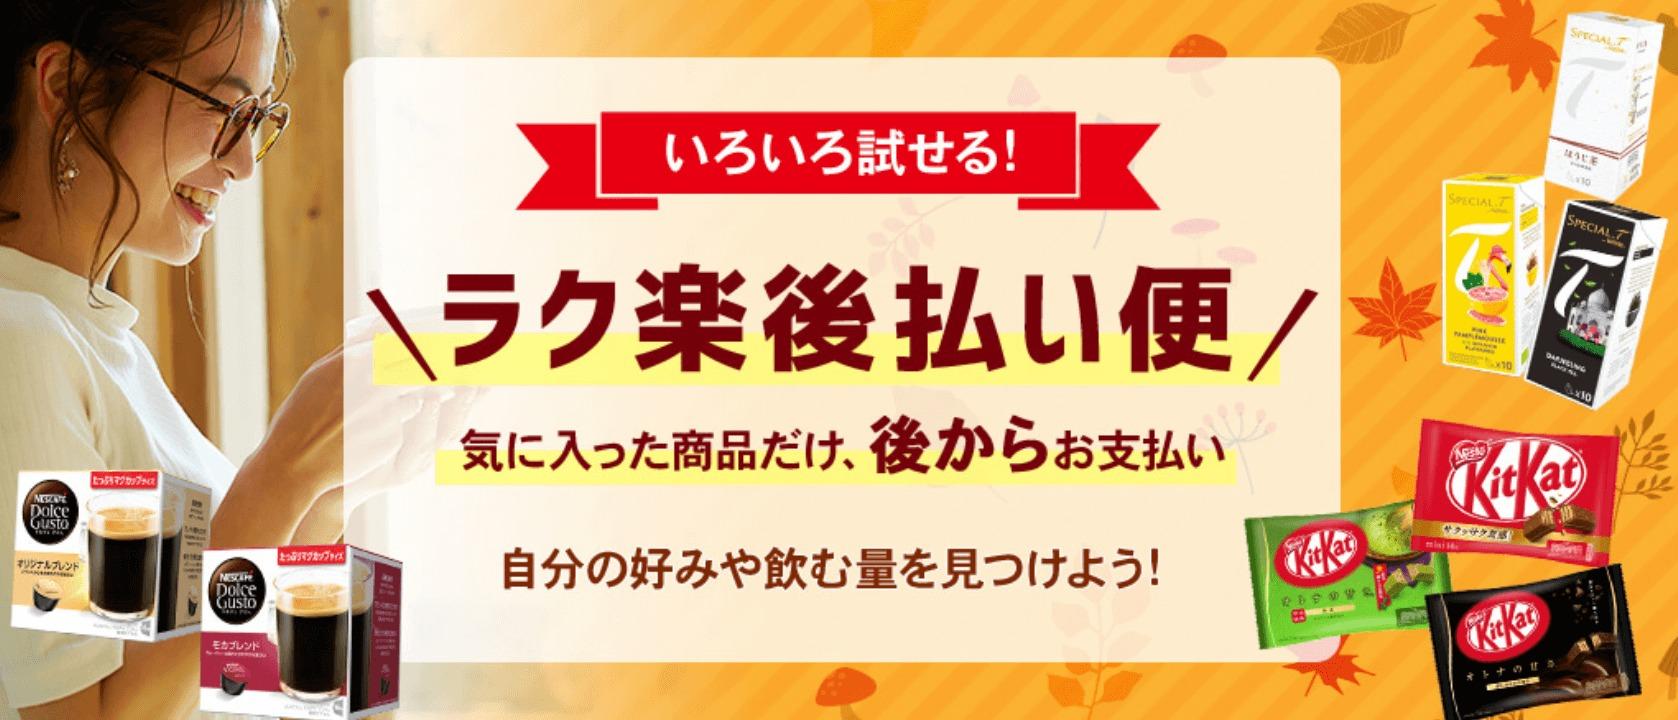 ネスレのお得キャンペーン「ラク楽後払い便」でお試しが出来ちゃう!!